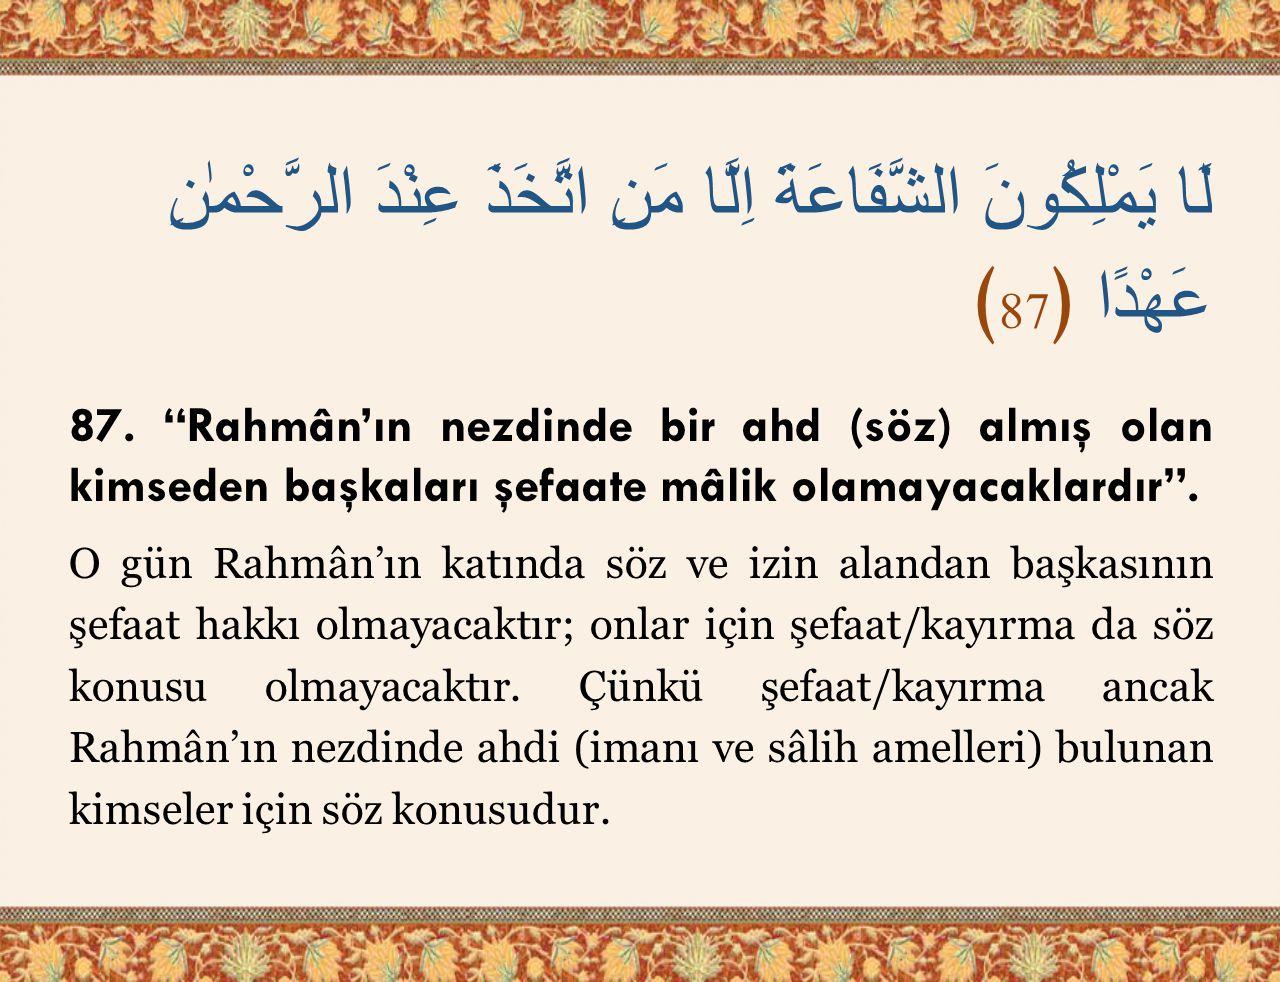 """لَا يَمْلِكُونَ الشَّفَاعَةَ اِلَّا مَنِ اتَّخَذَ عِنْدَ الرَّحْمٰنِ عَهْدًا ﴿ 87 ﴾ 87. """"Rahmân'ın nezdinde bir ahd (söz) almış olan kimseden başkalar"""